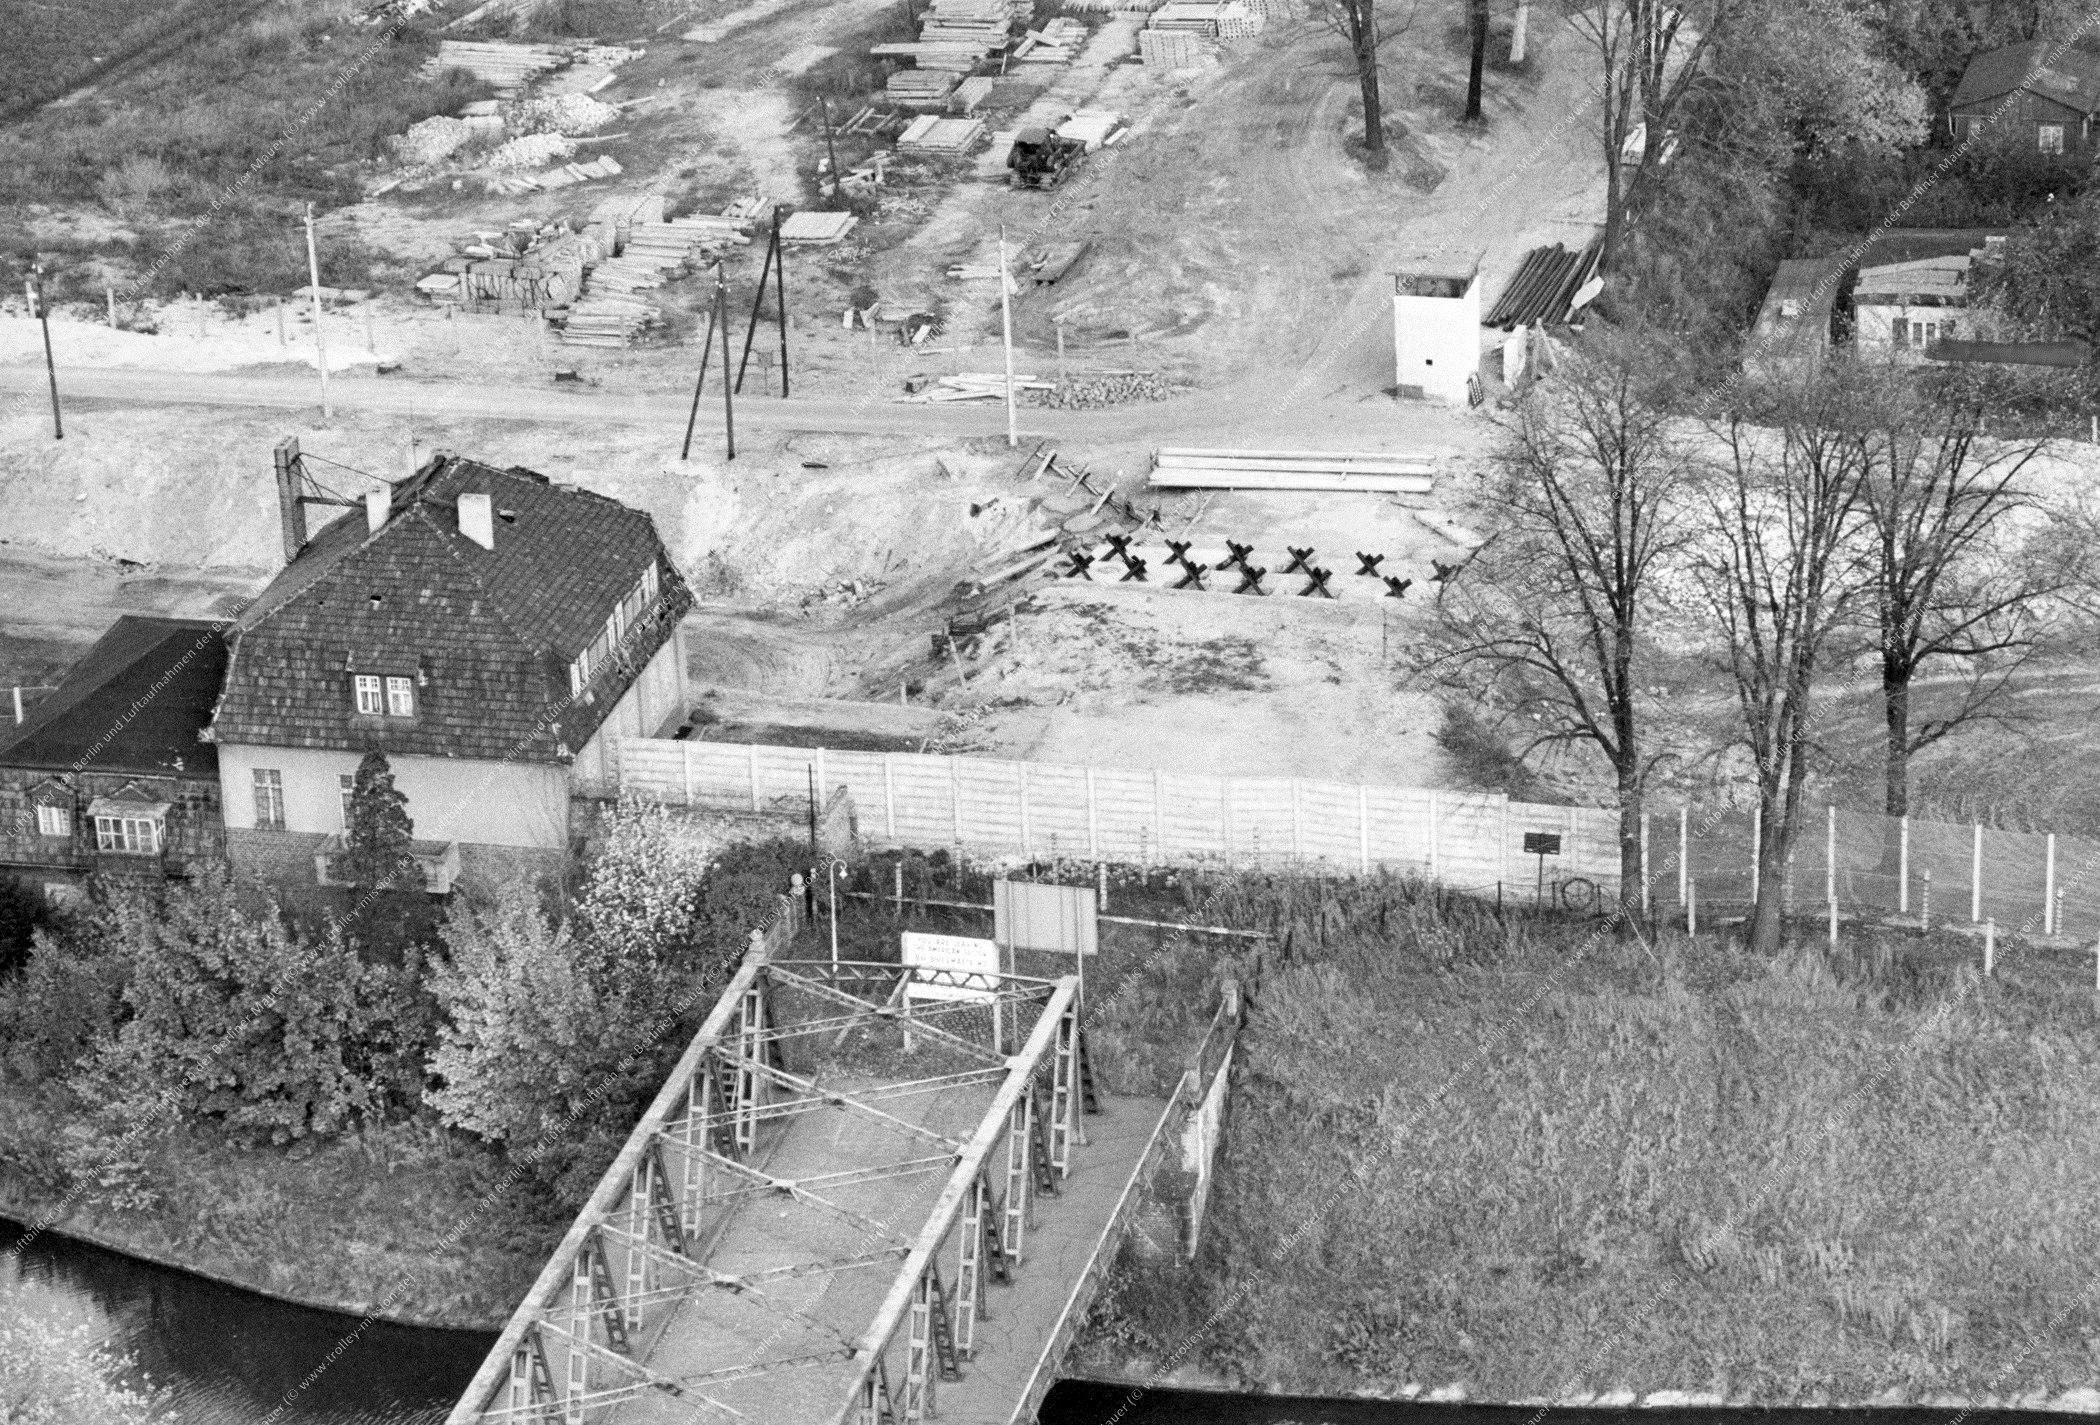 Berlin Luftbild Alte Späthbrücke am Teltow-Kanal vom 11. August 1968 (Bild 043)